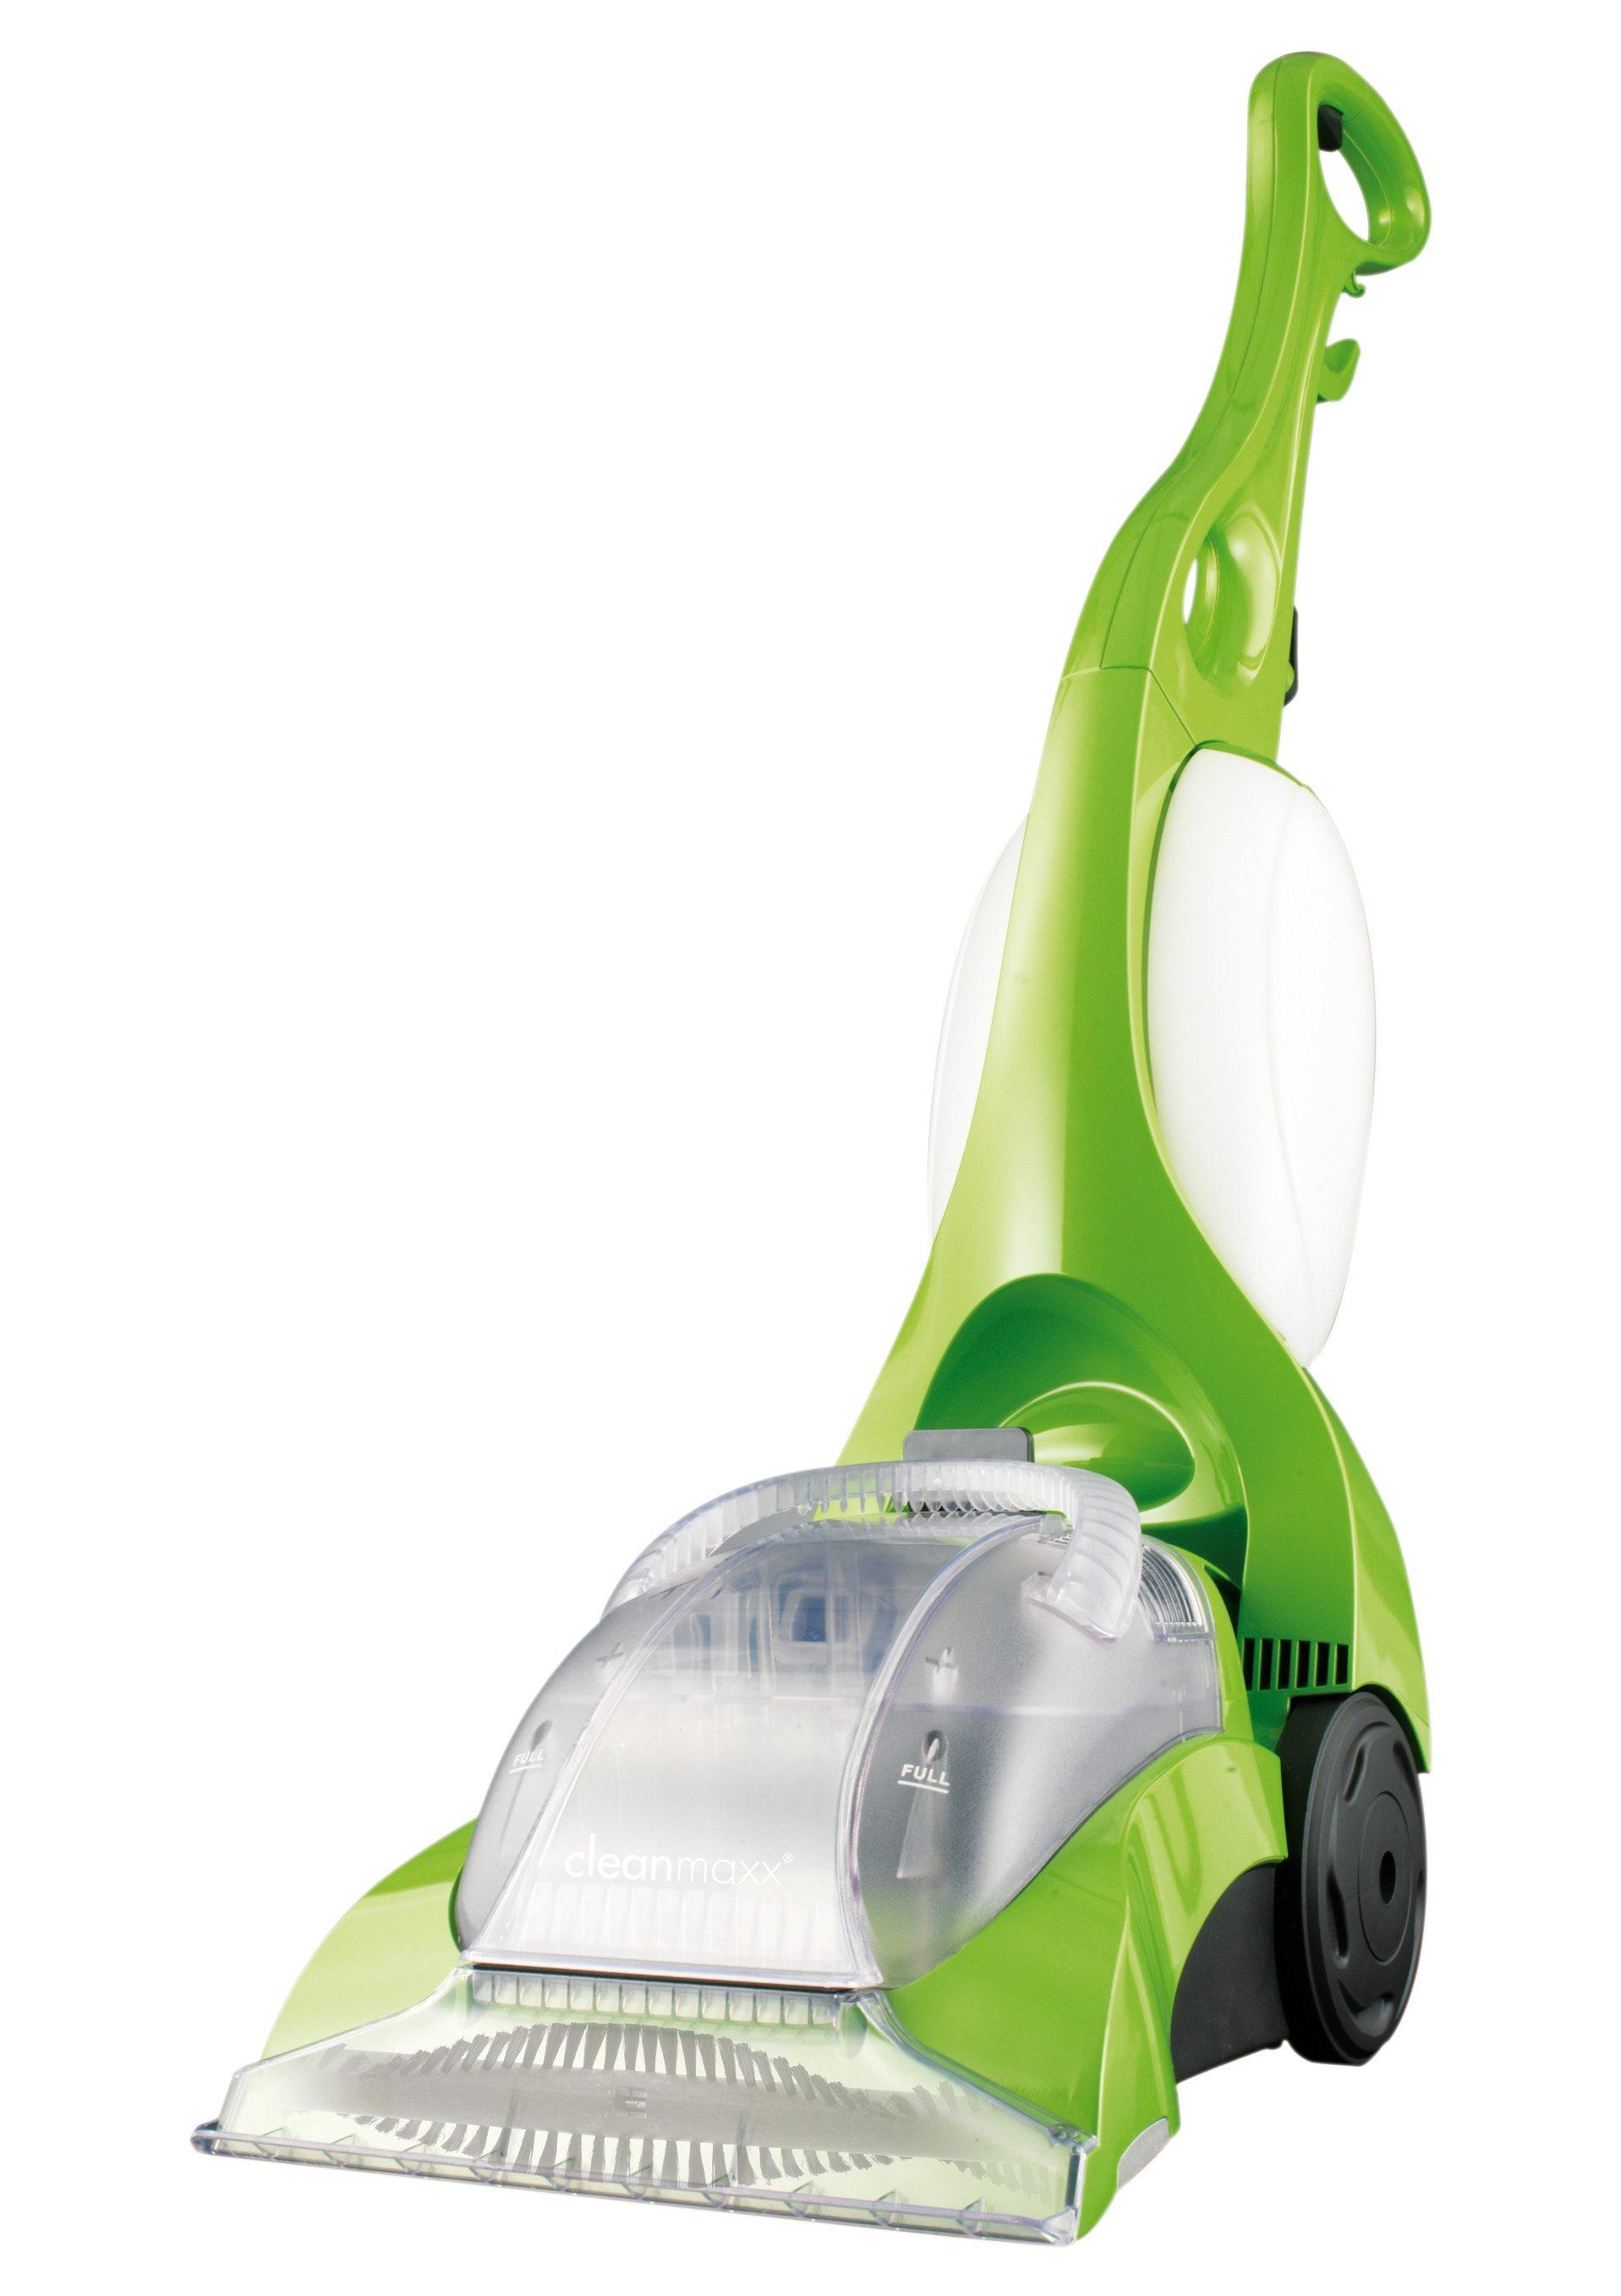 CLEANmaxx Teppichreinigungsgerät Professional, 700 Watt, inkl. 500ml Teppichshampoo